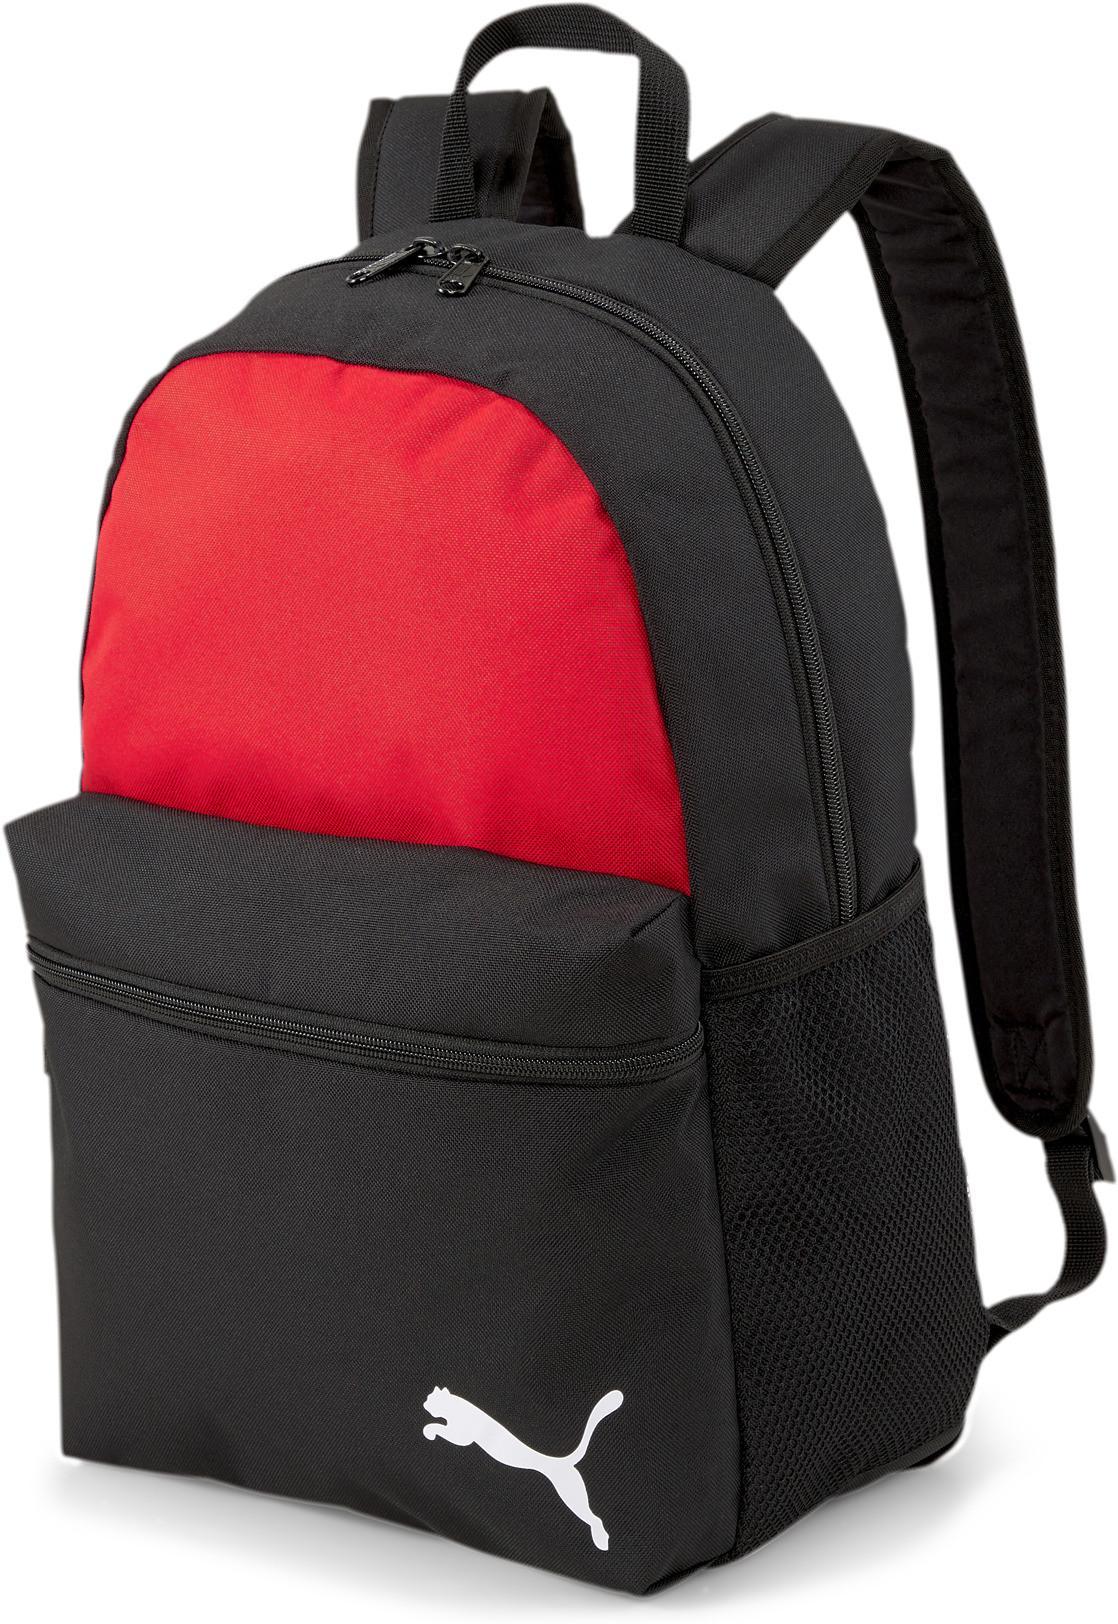 Batoh Puma teamGOAL 23 Backpack Core